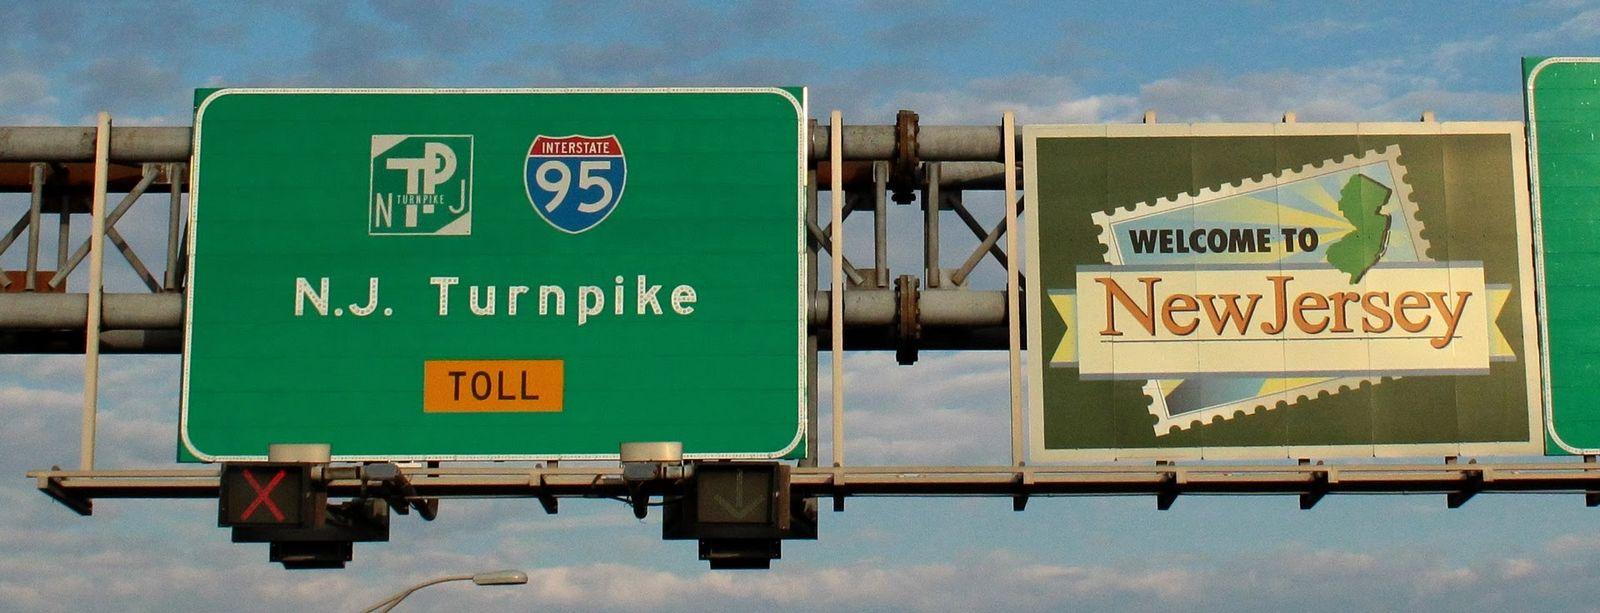 ¡Bienvenido a Nueva Jersey! ... paga aquí